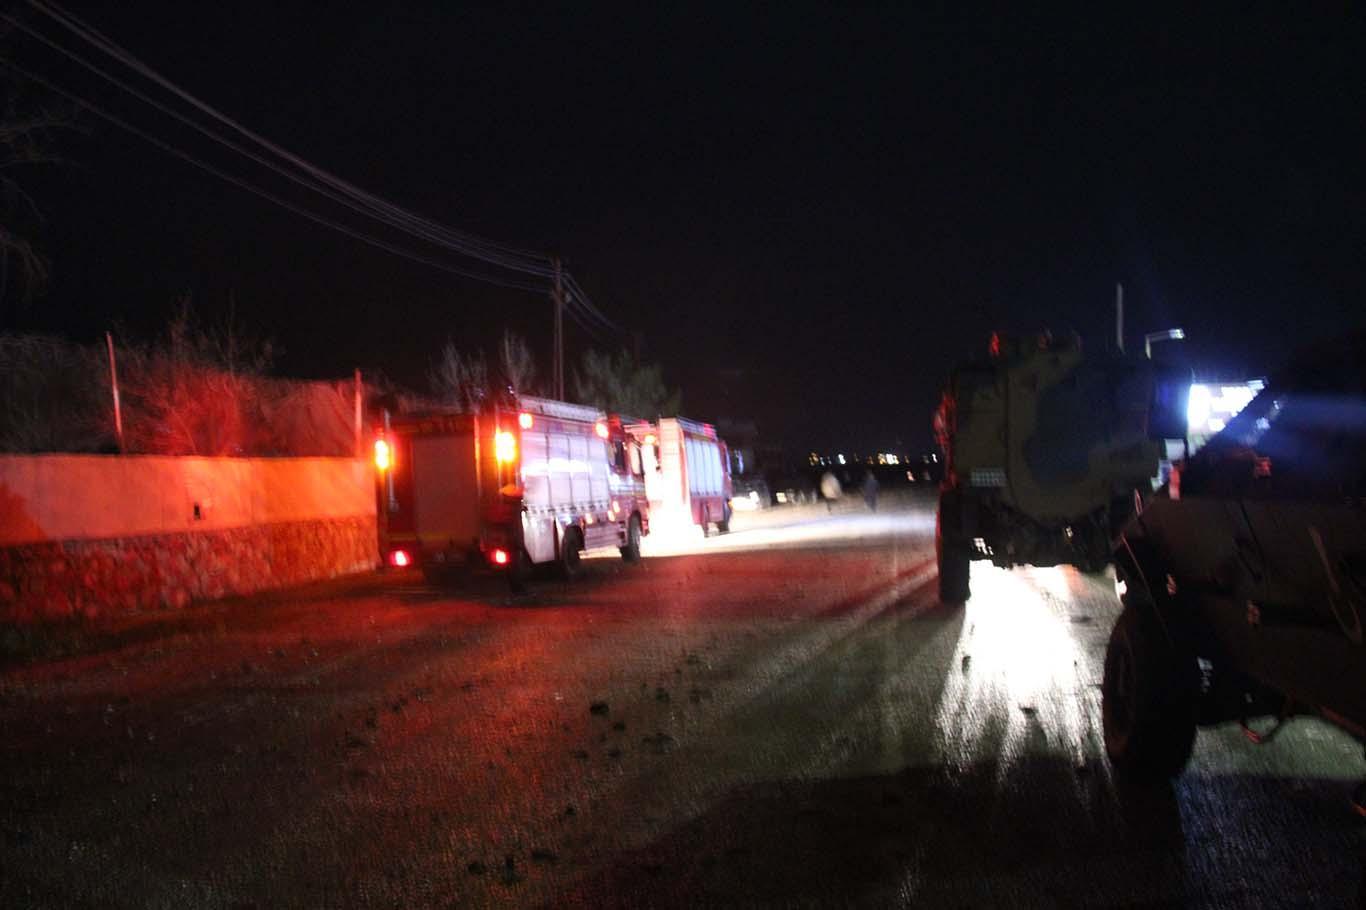 Mermer Jandarma Karakoluna bombalı saldırı:3 asker hayatını kaybeti, hayatını kaybeden askerlerin isimleri..